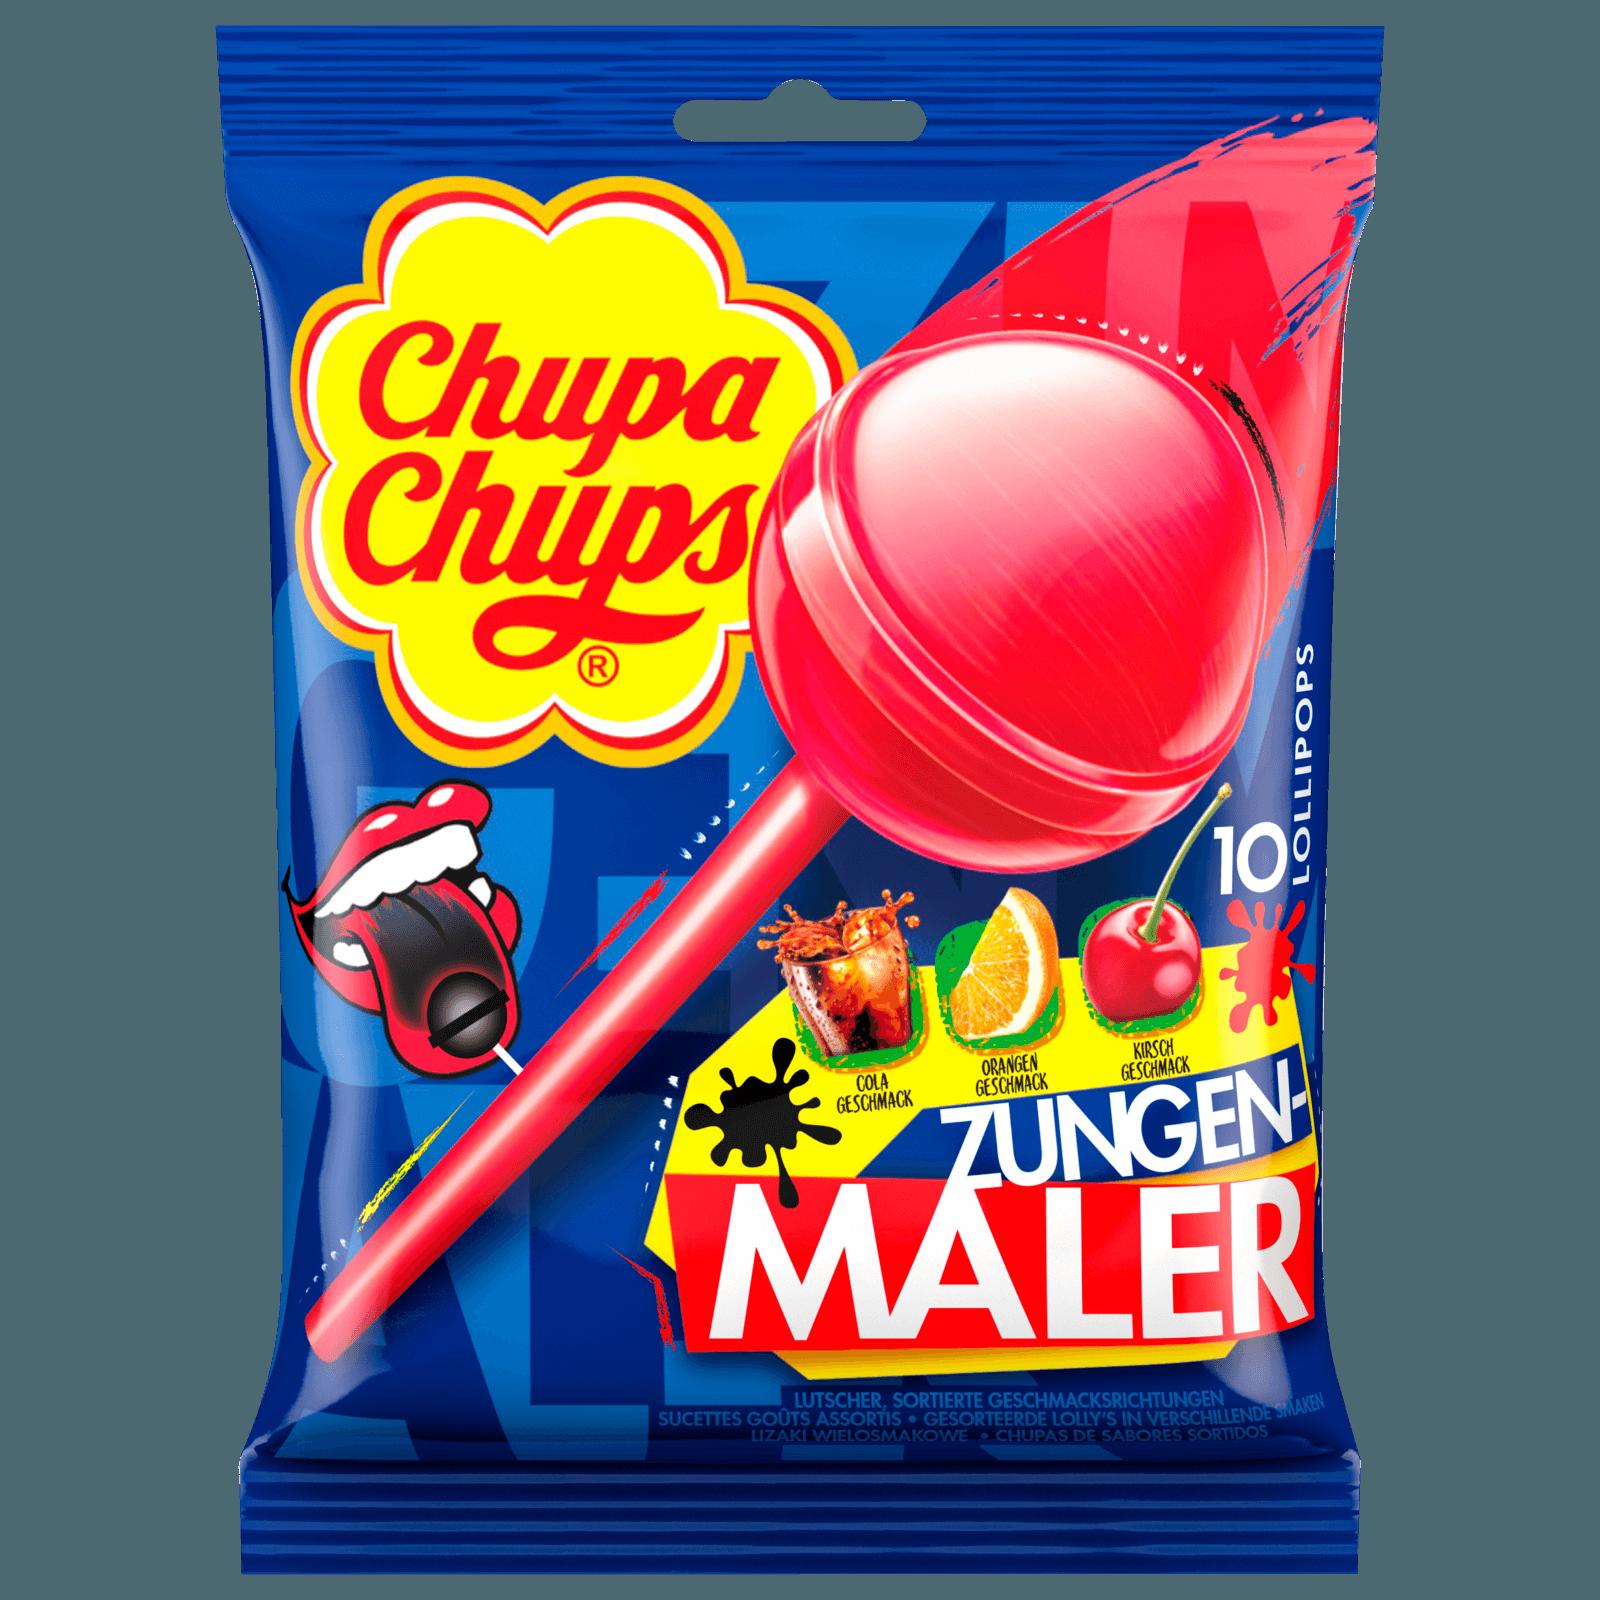 Chupa Chups Zungenmaler 10g, 10 Stück bei REWE online bestellen